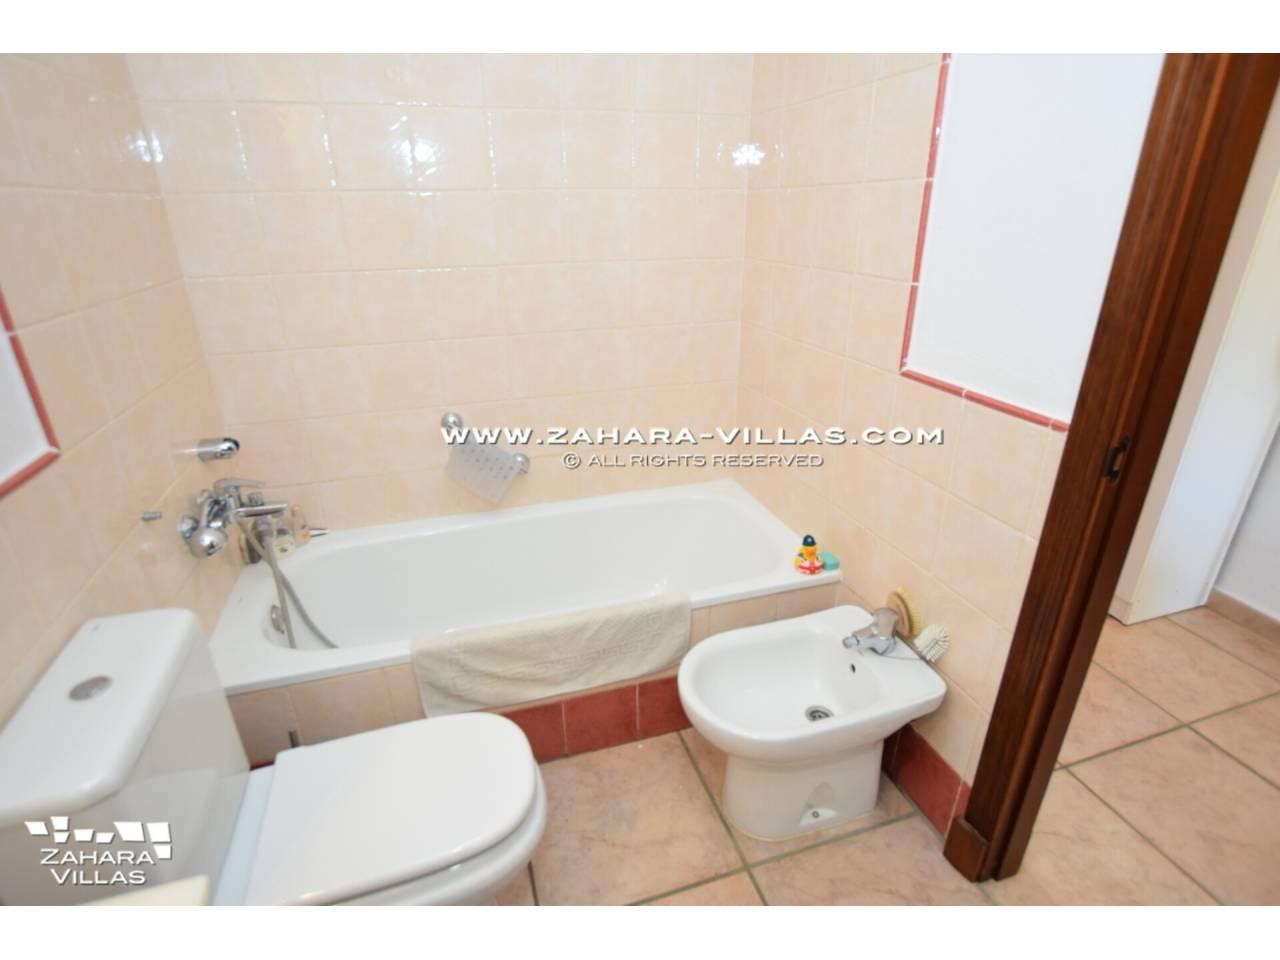 Imagen 27 de Penthouse apartment for sale in Zahara de los Atunes